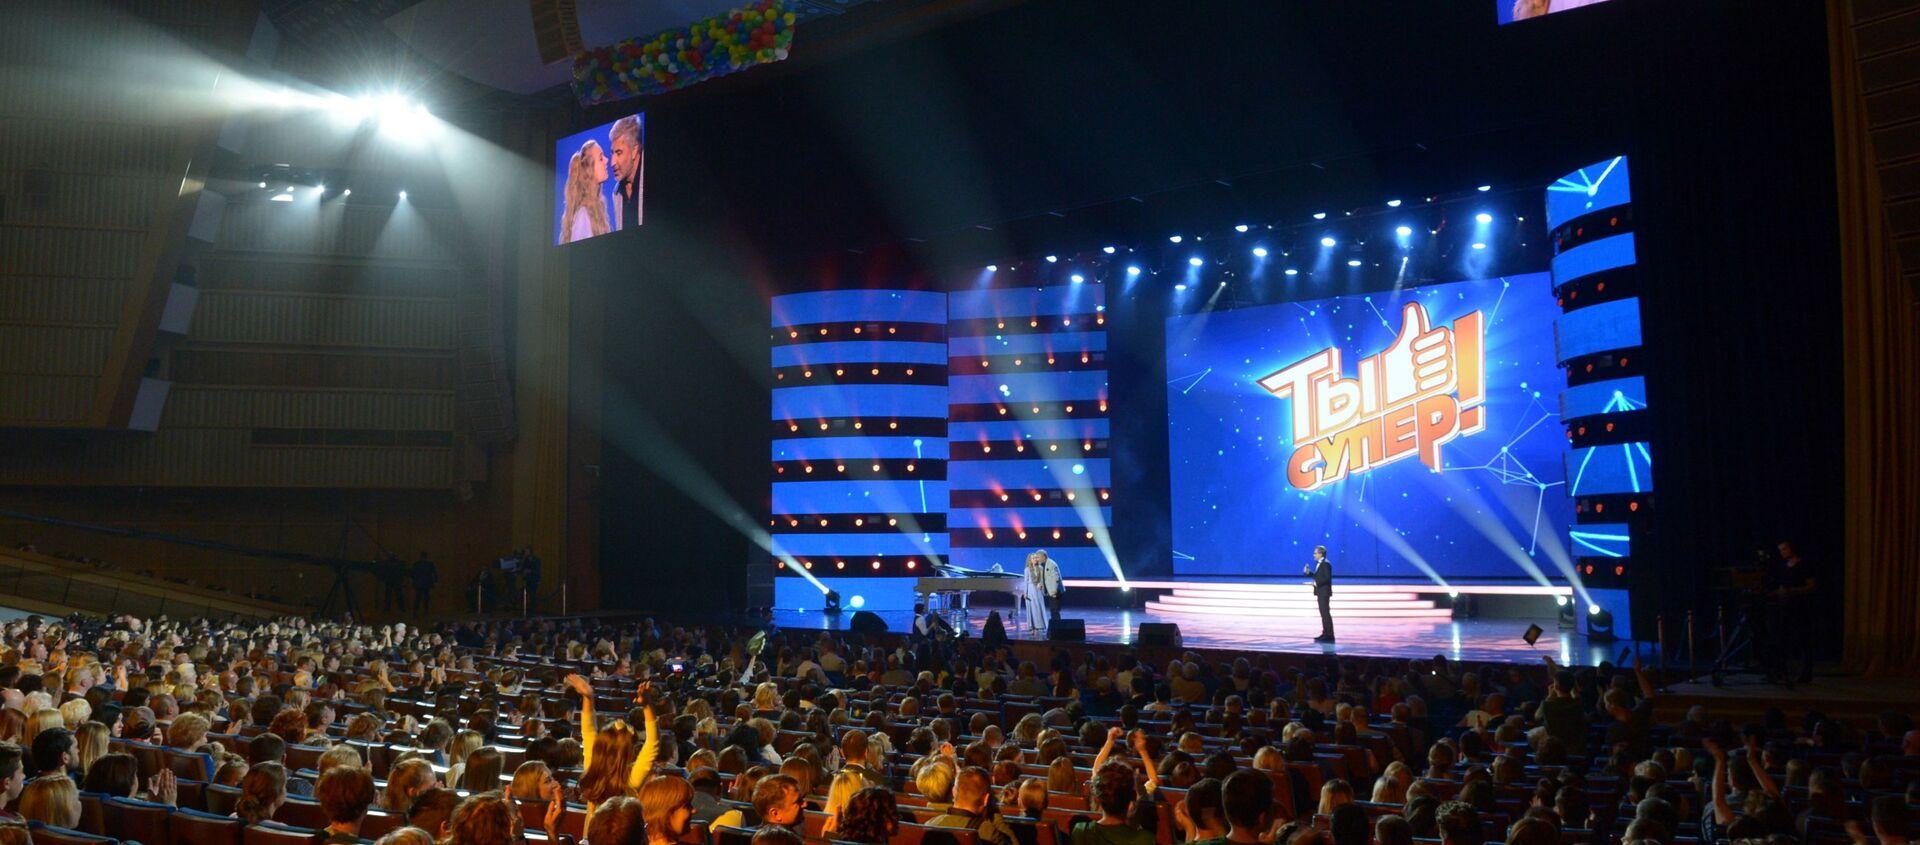 Финал конкурса Ты супер! в Государственном Кремлевском Дворце - Sputnik Аҧсны, 1920, 18.05.2021